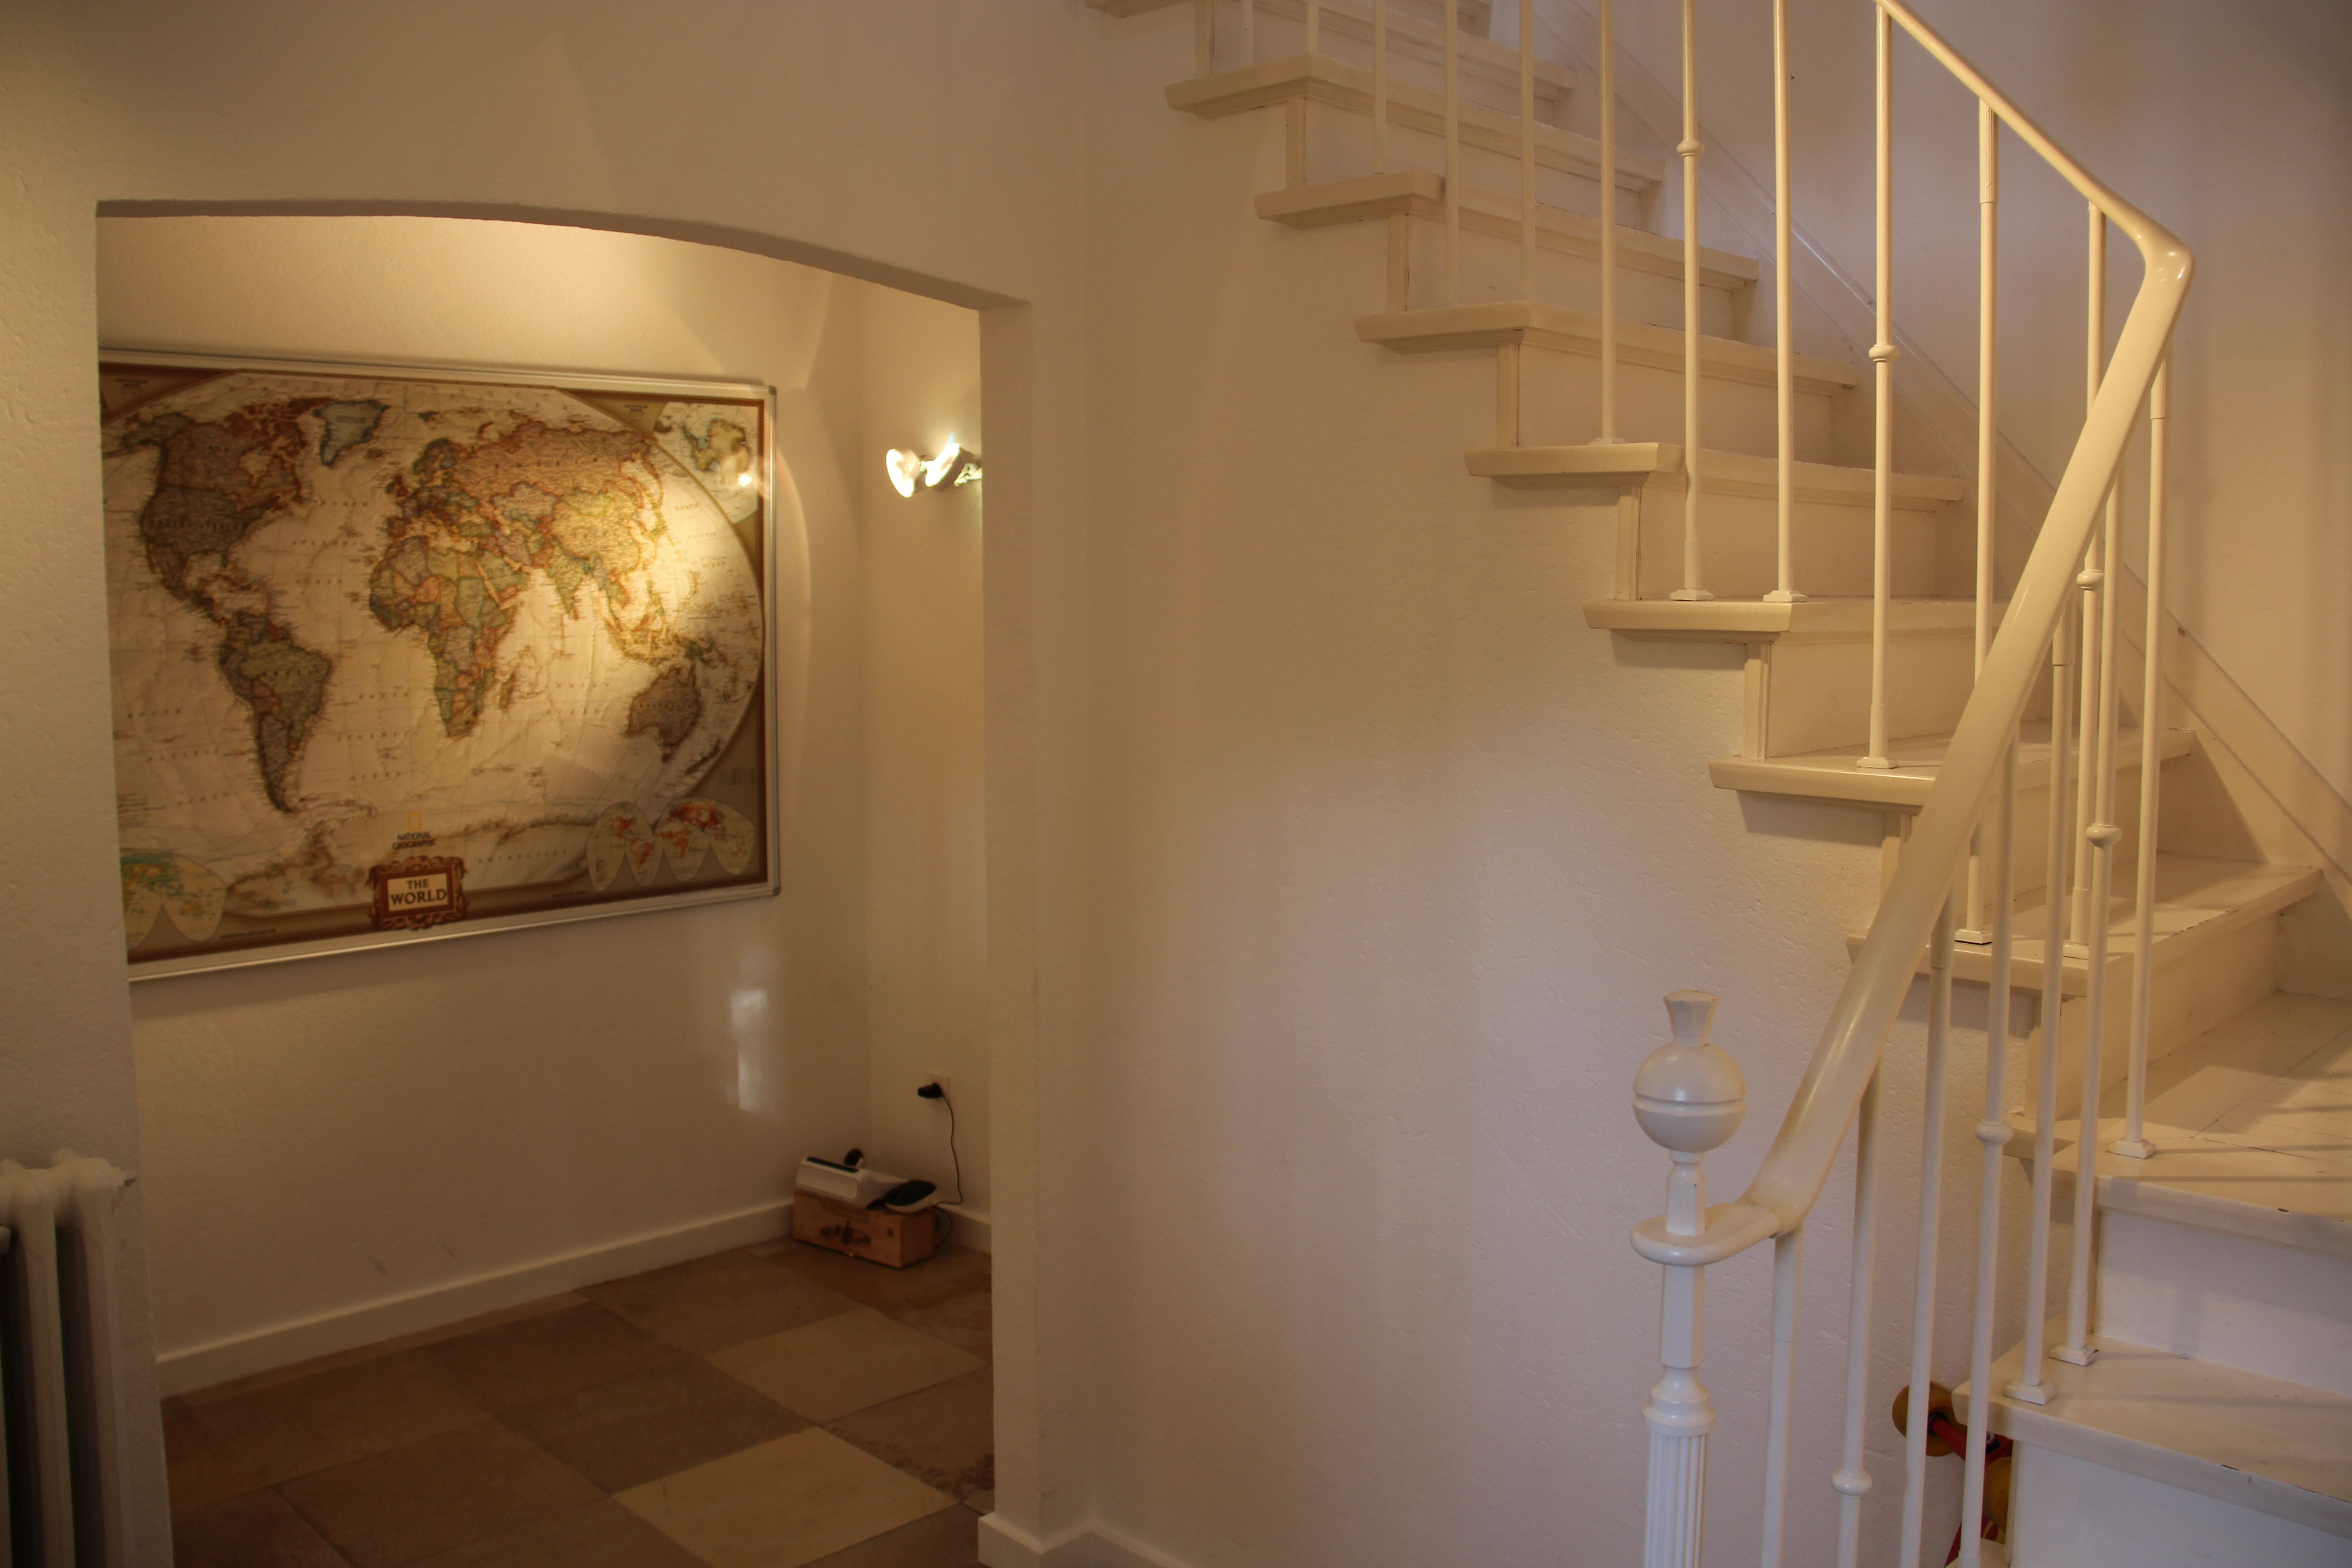 Residentiële villa te huur Nieuwpoort - 2972